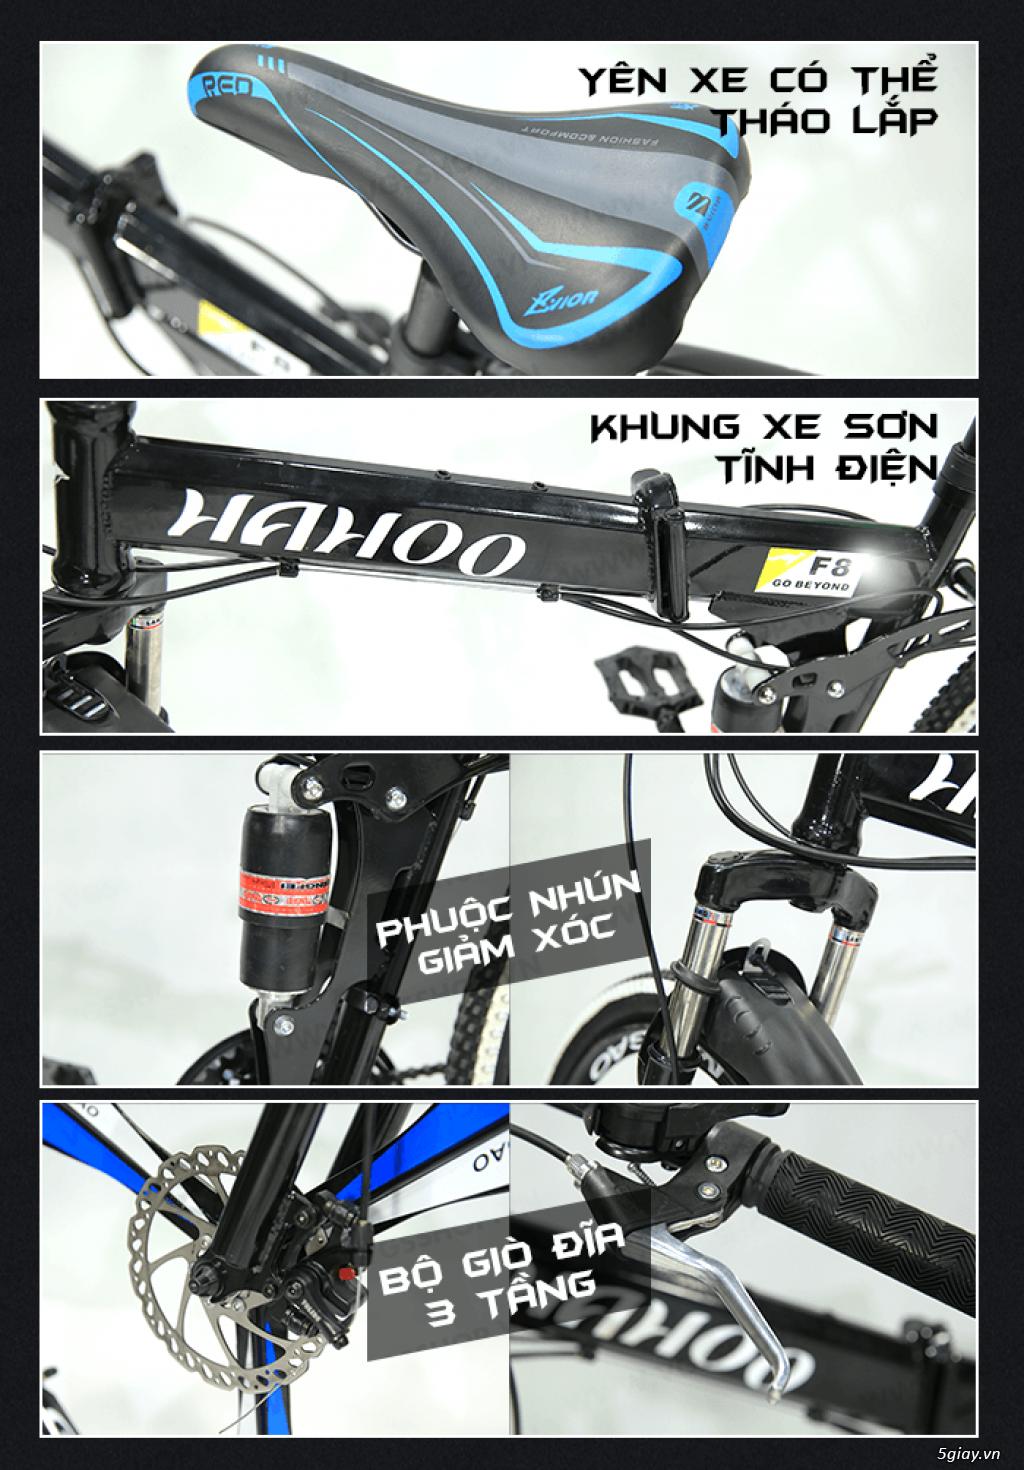 Xe đạp thể thao địa hình gấp gọn Hahoo - 9